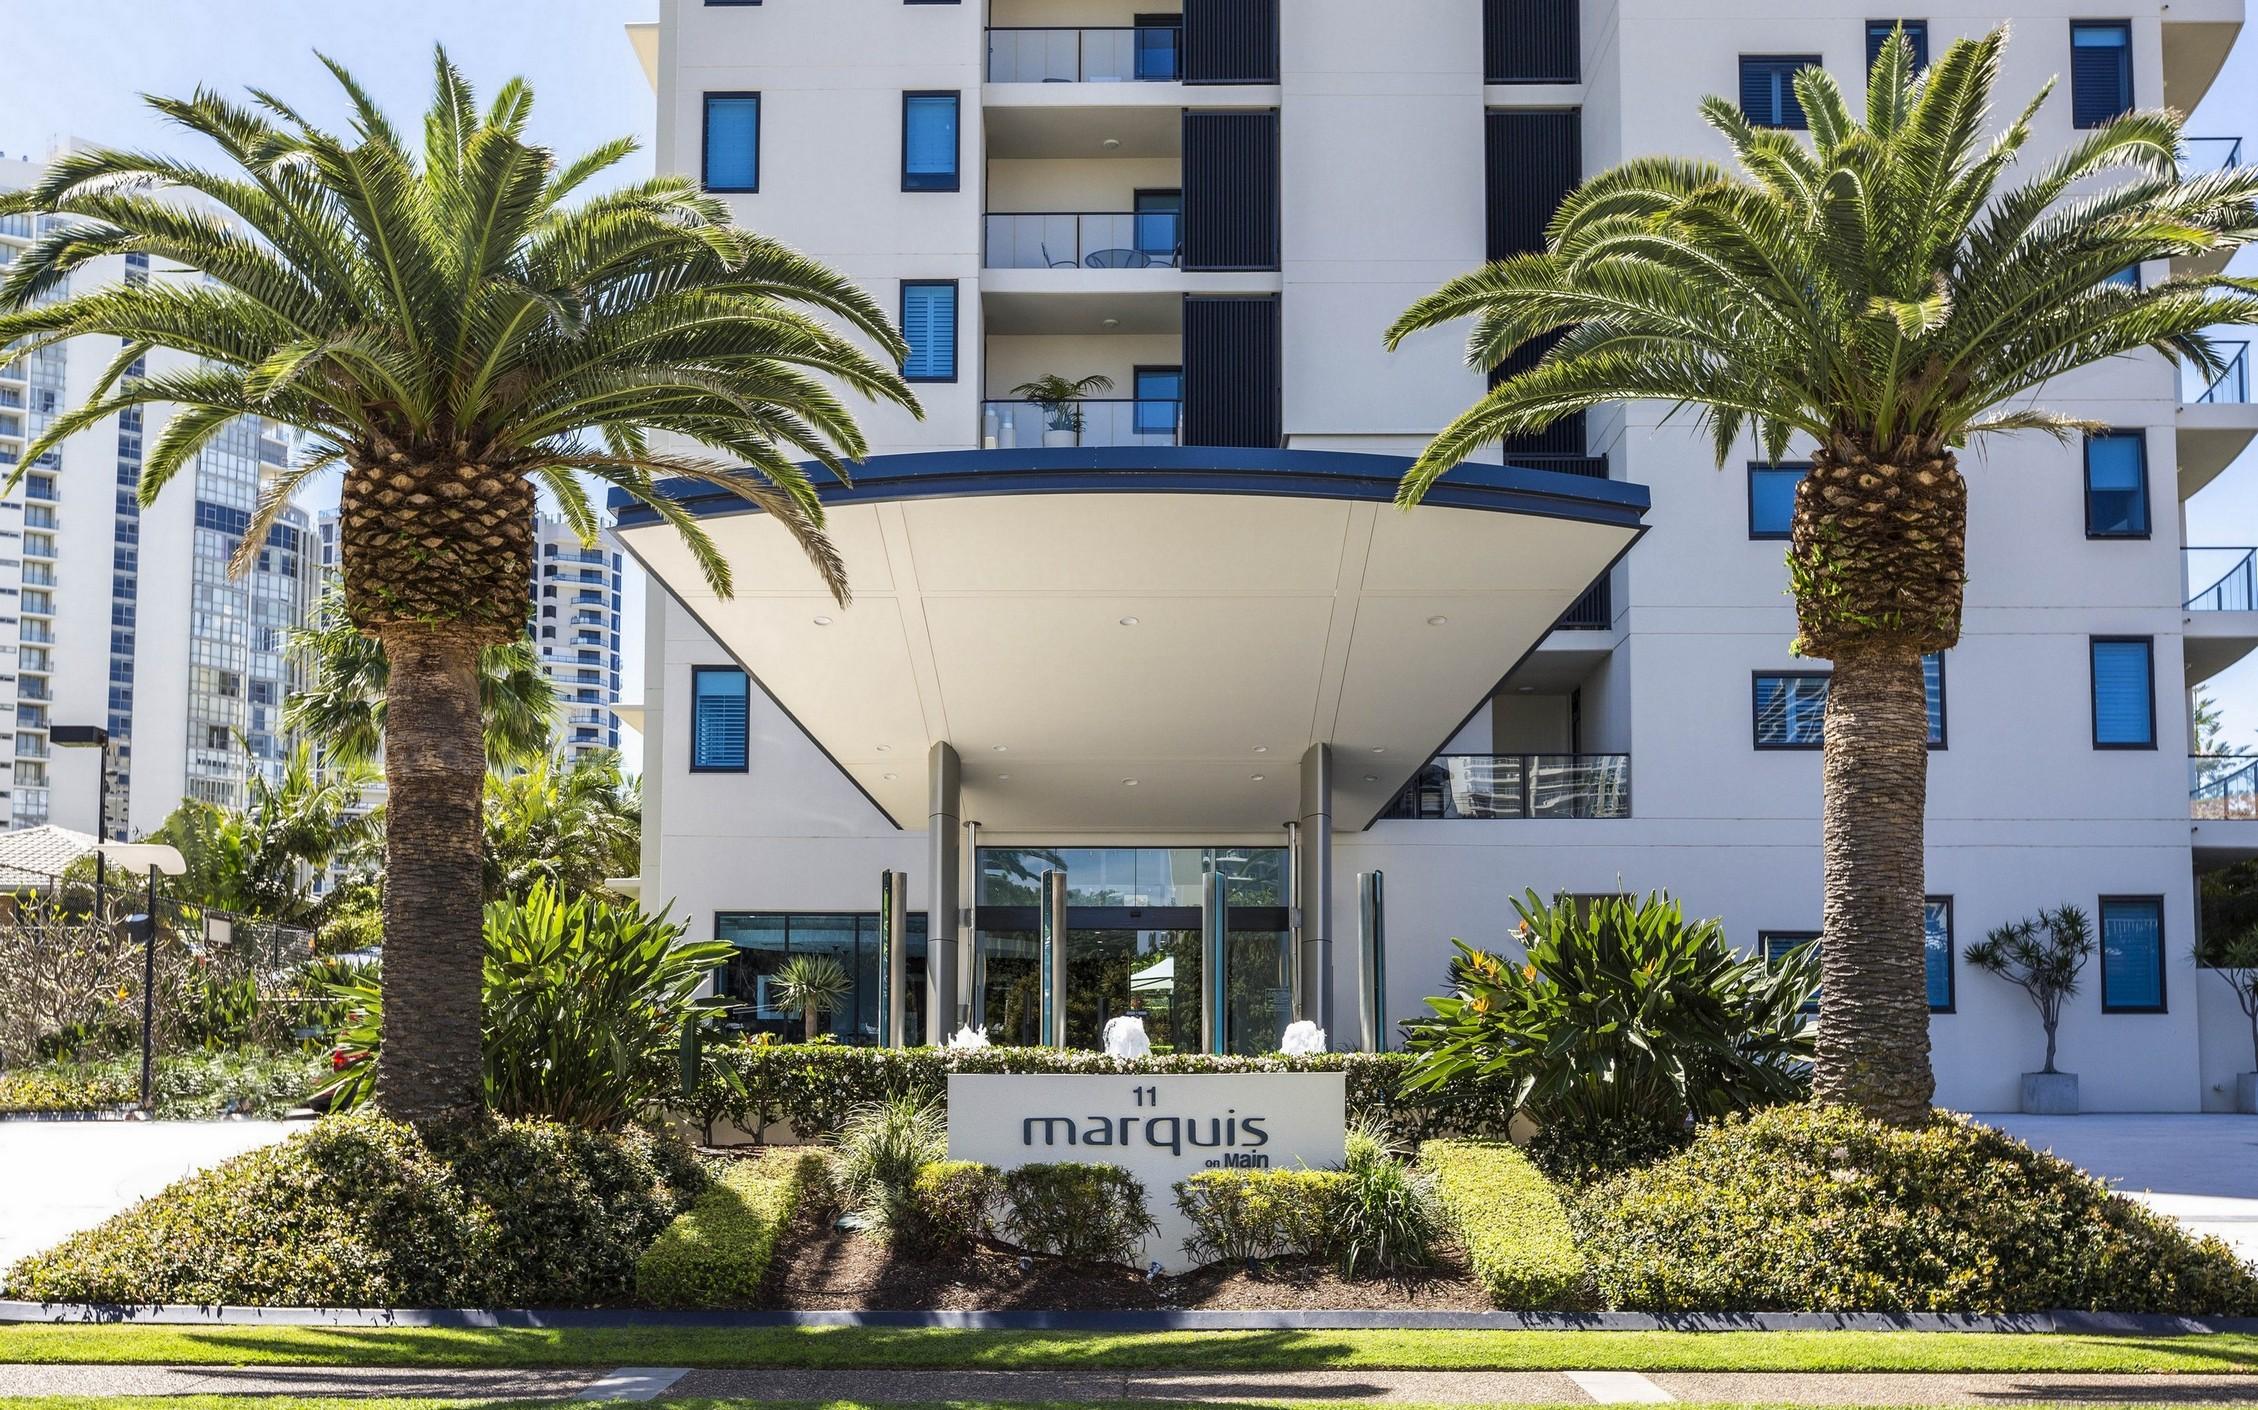 Apartamento por un Venta en Marquis on Main 911 Peak Avenue Main Beach, Queensland, 4217 Australia